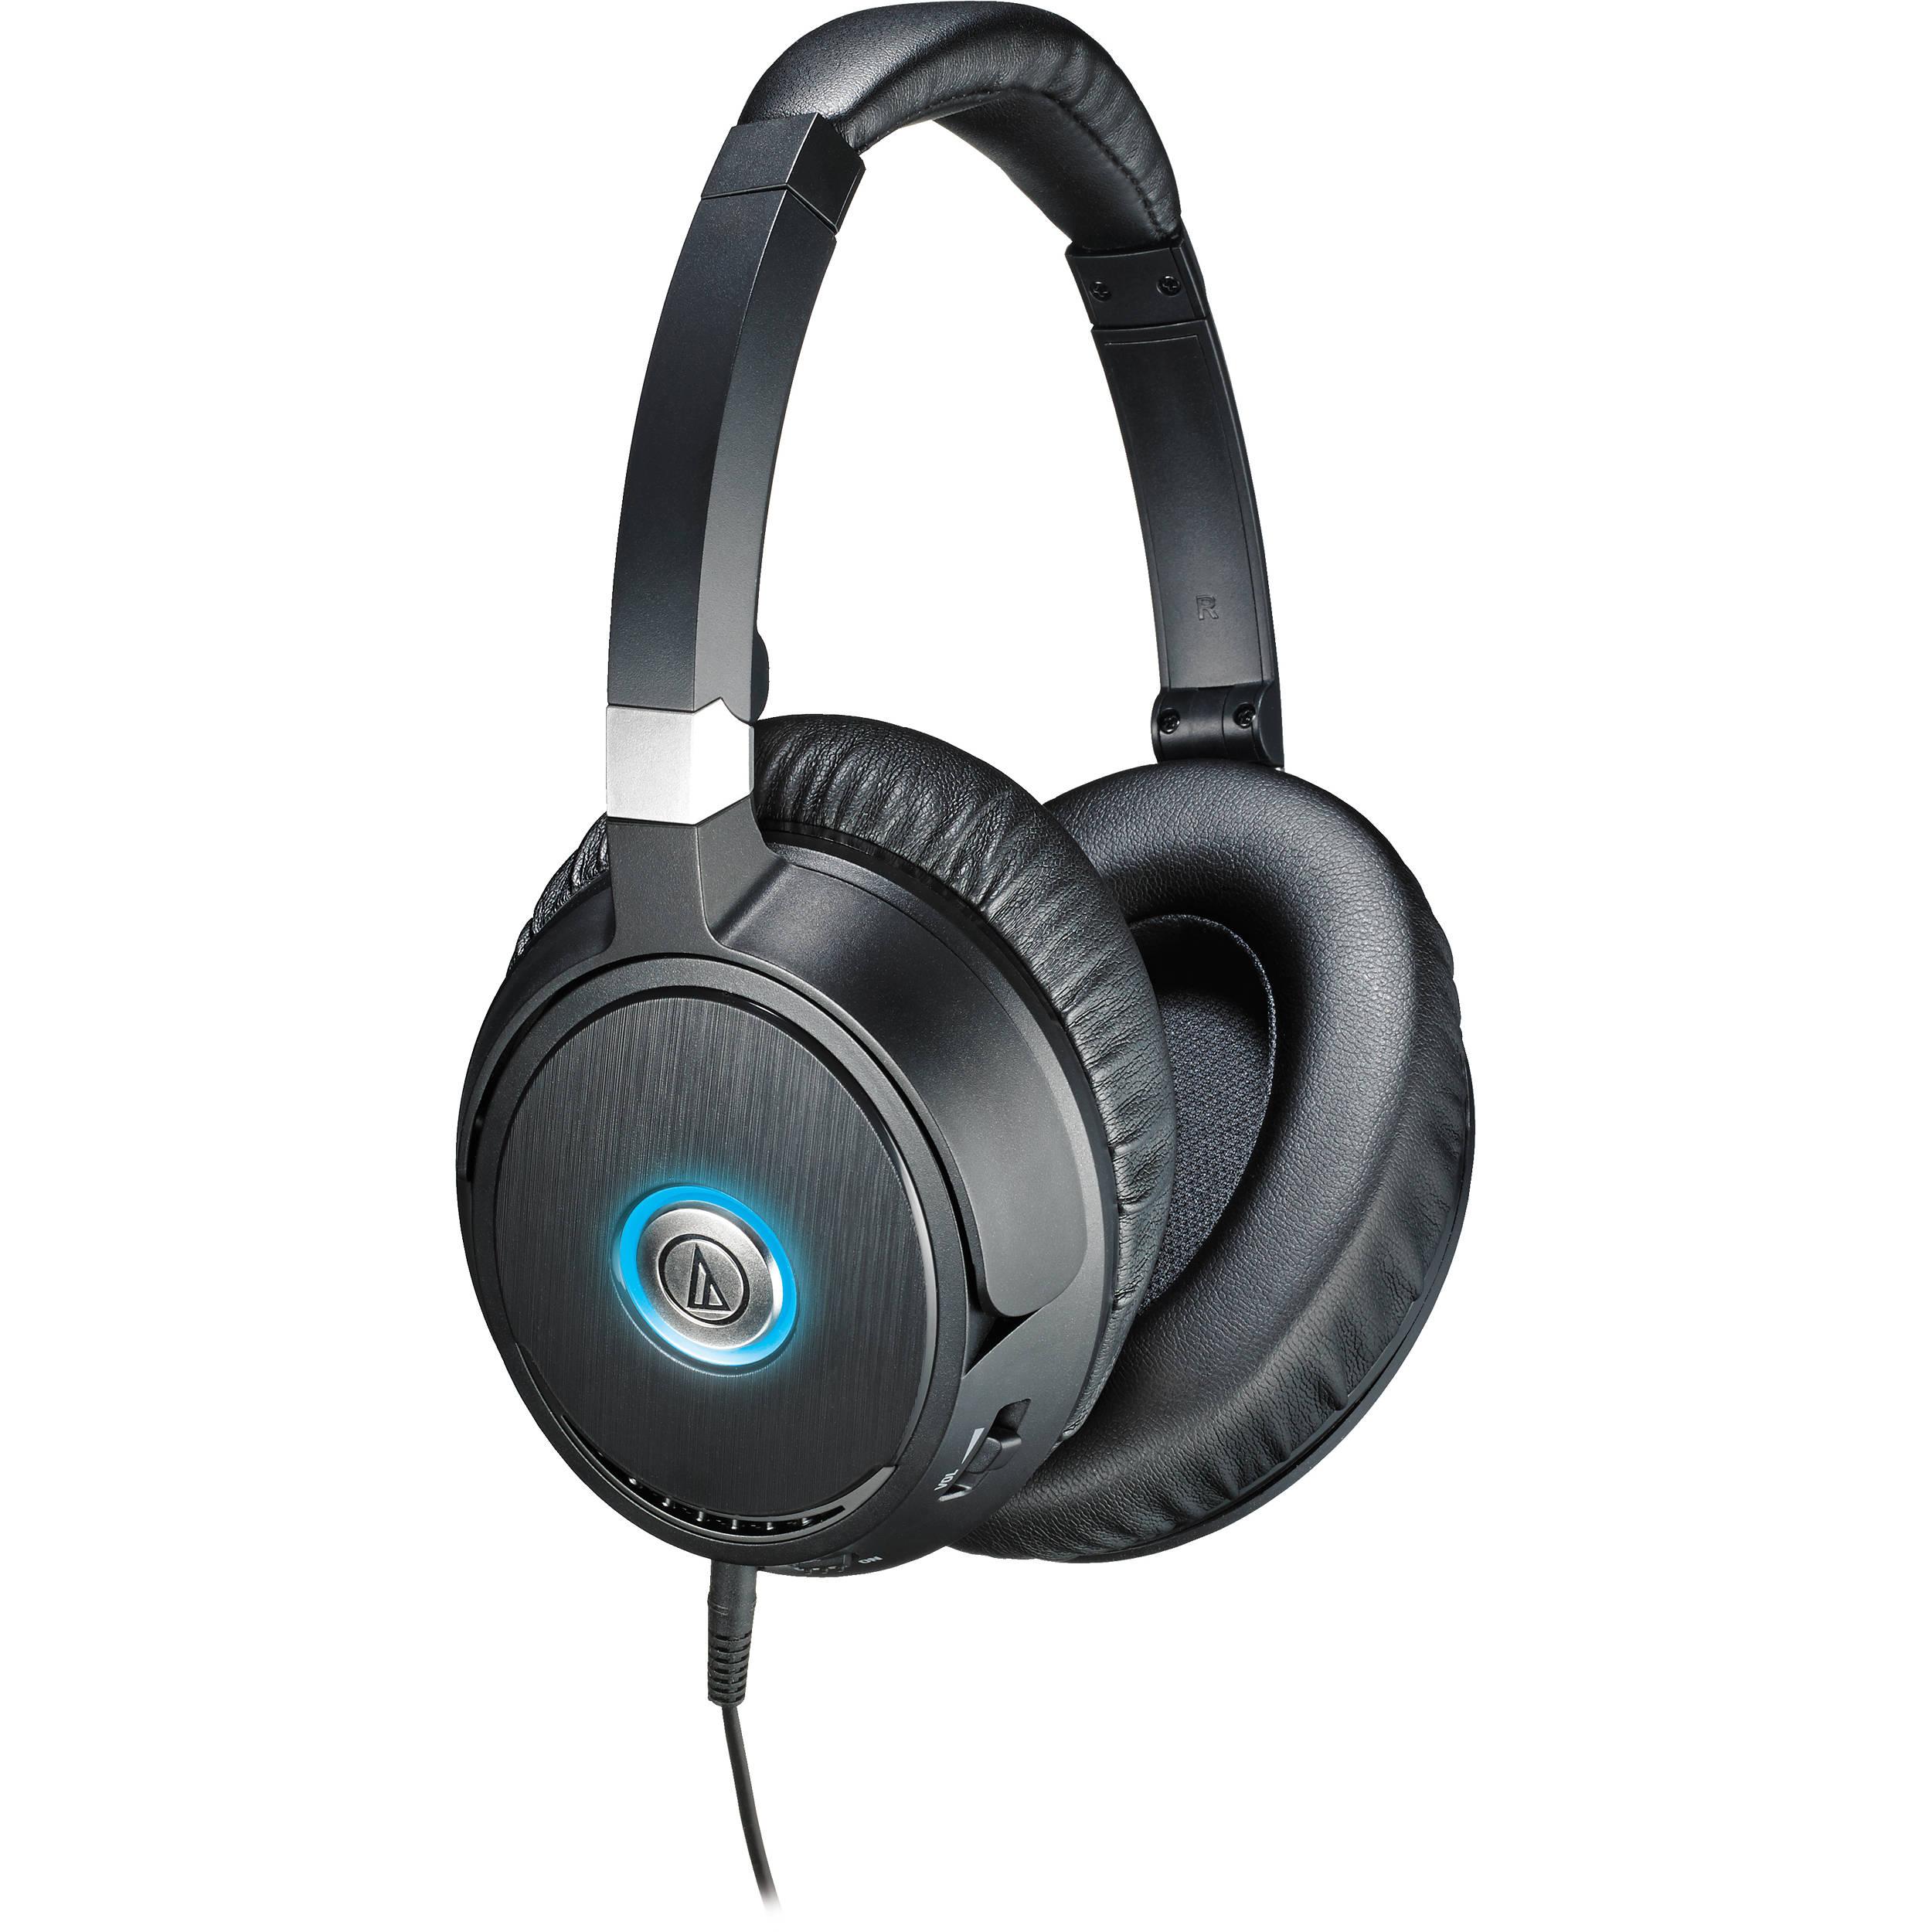 Headphones Audio Technica : audio technica consumer ath anc70 quietpoint active ath anc70 ~ Hamham.info Haus und Dekorationen